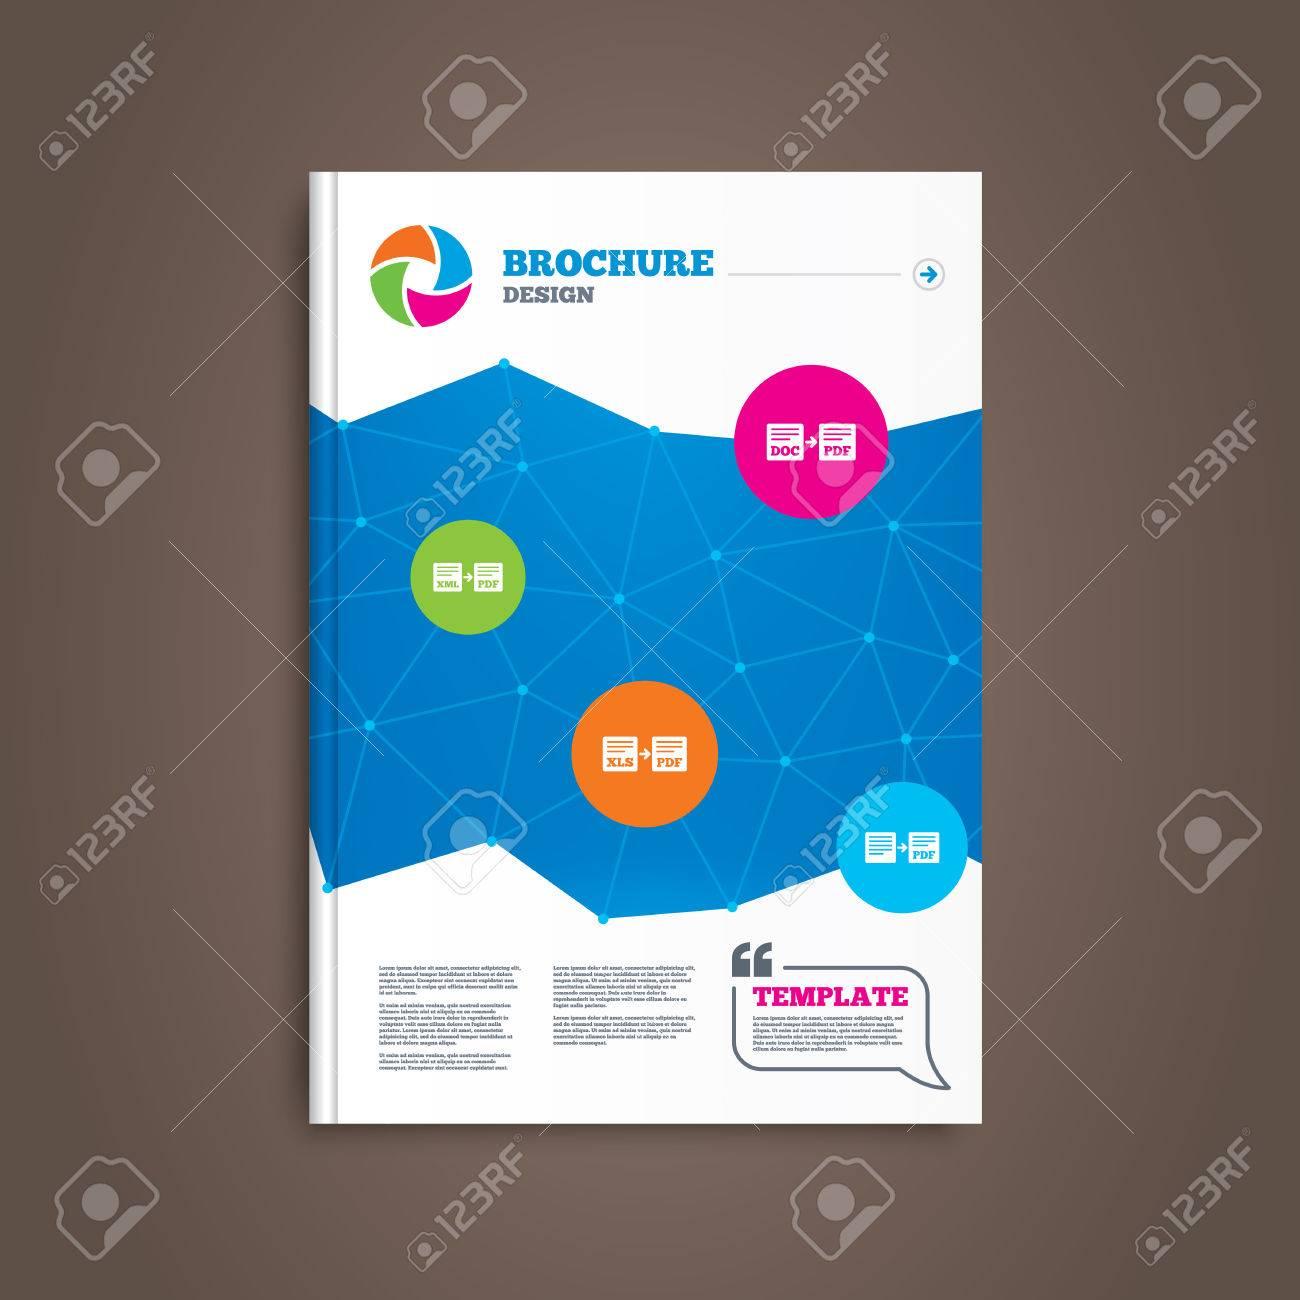 Brochure Ou Depliant Design Icones De Fichier D Exportation Convertir Doc En Pdf Xml Aux Symboles Pdf Xls Au Format Pdf Avec Le Signe De Fleche